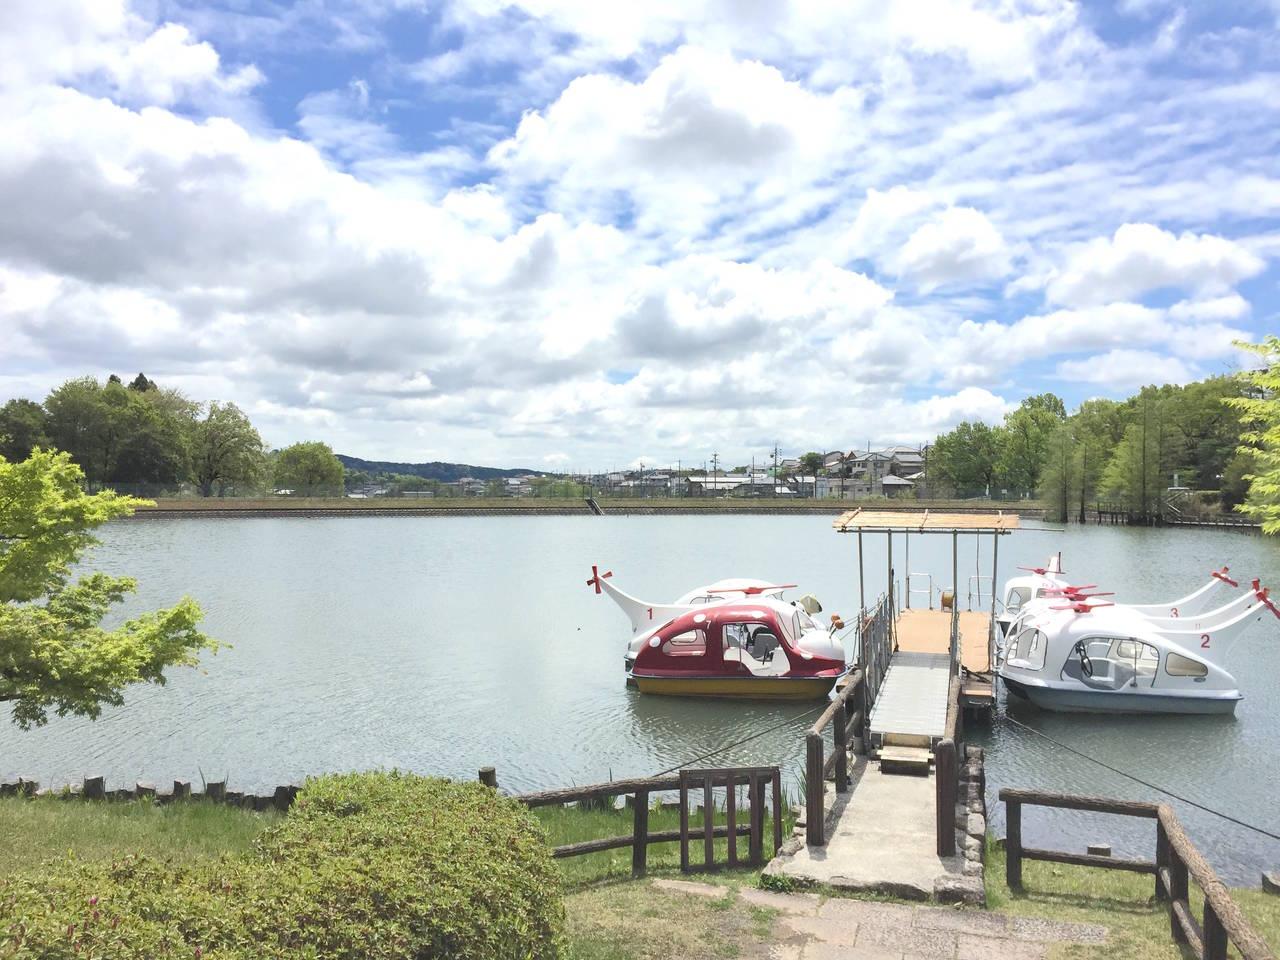 【愛知】錦鯉が迎えてくれるボートに乗る「グリーンピア春日井」